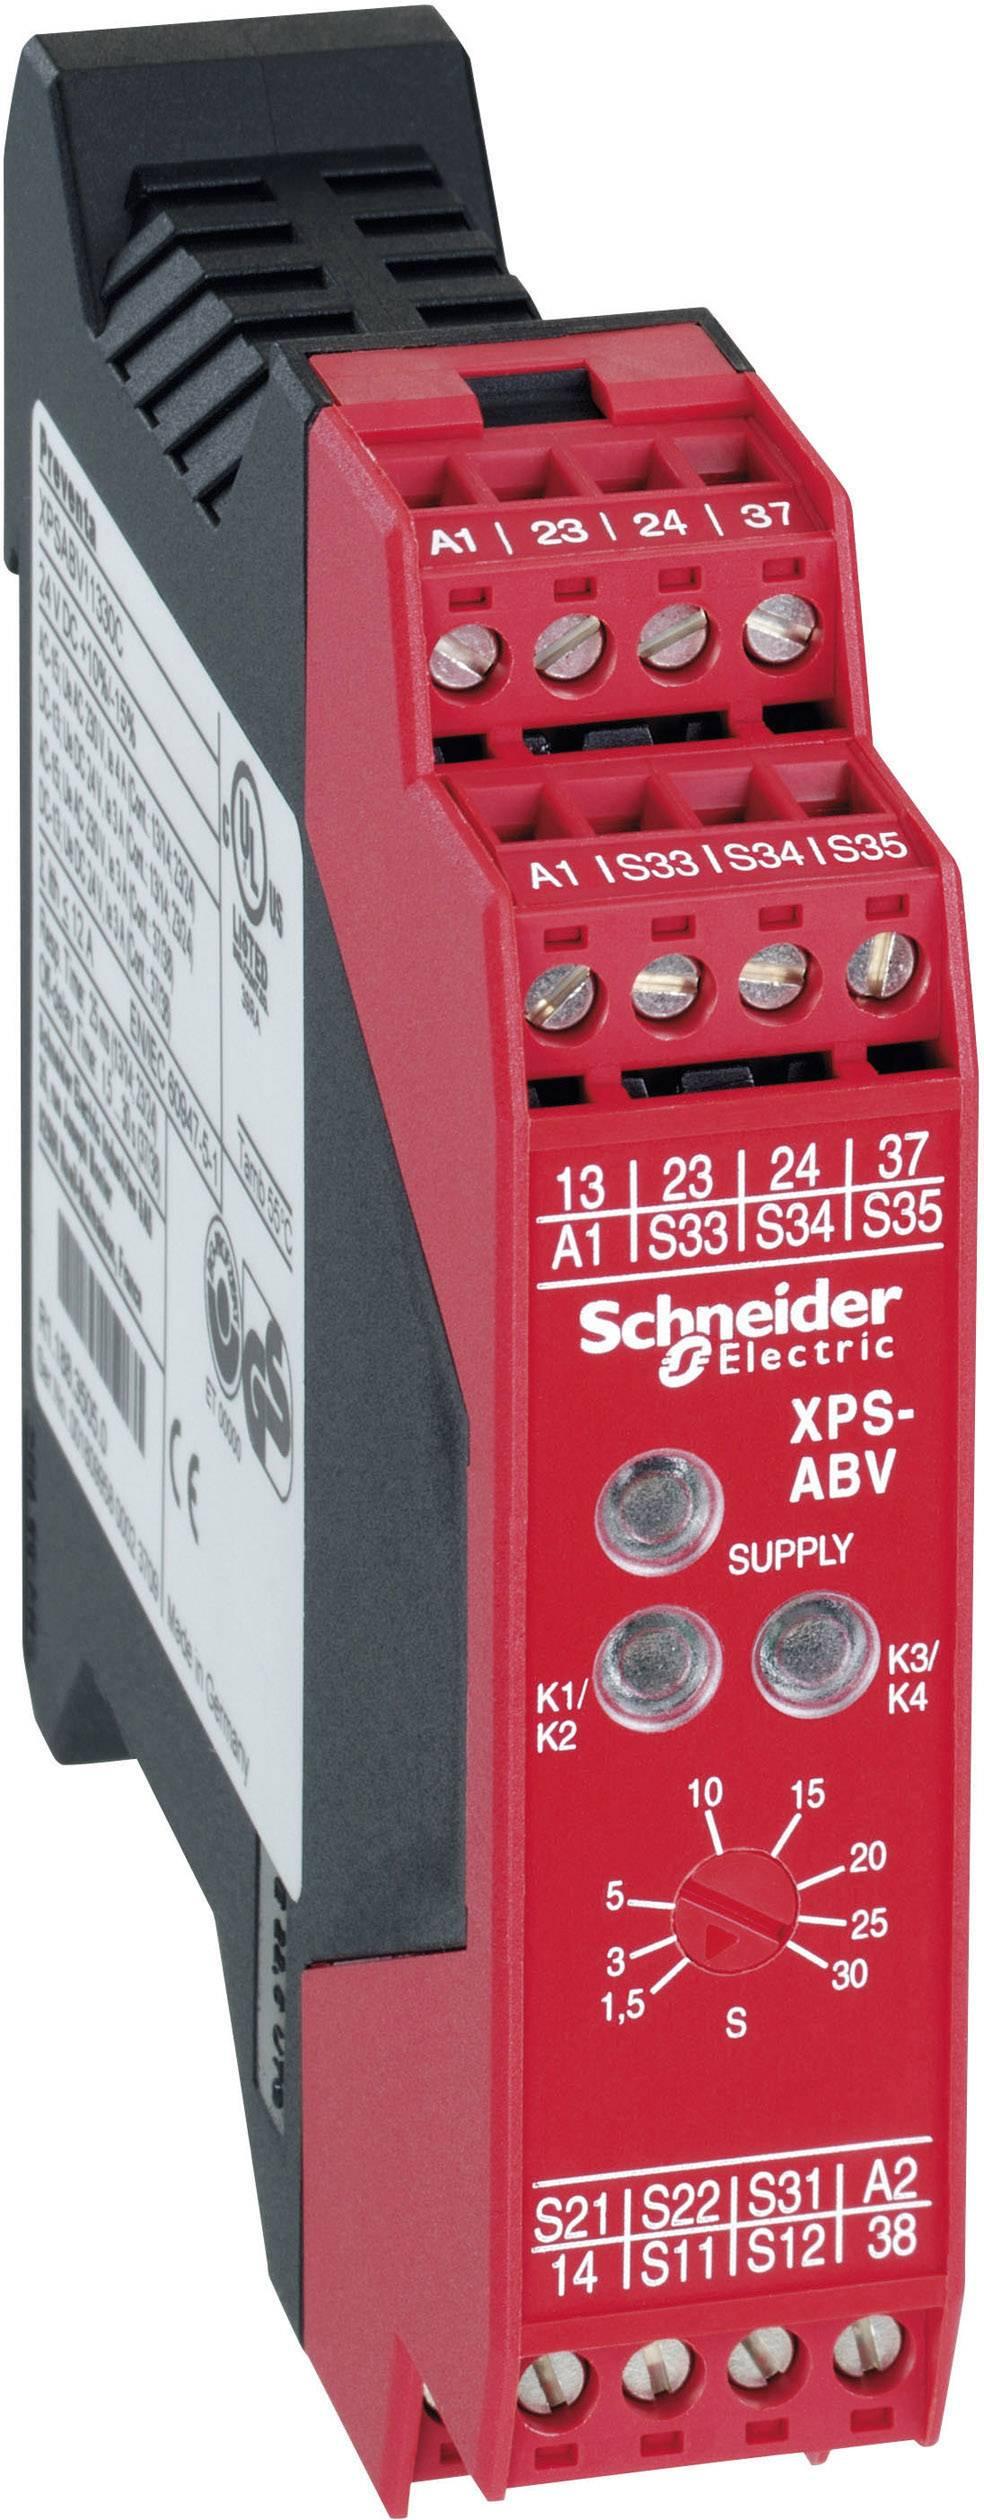 Ochranné relé Schneider Electric XPSABV 3P113, XPSABV1133P, 24 V/DC, 3 přepínací kontakty